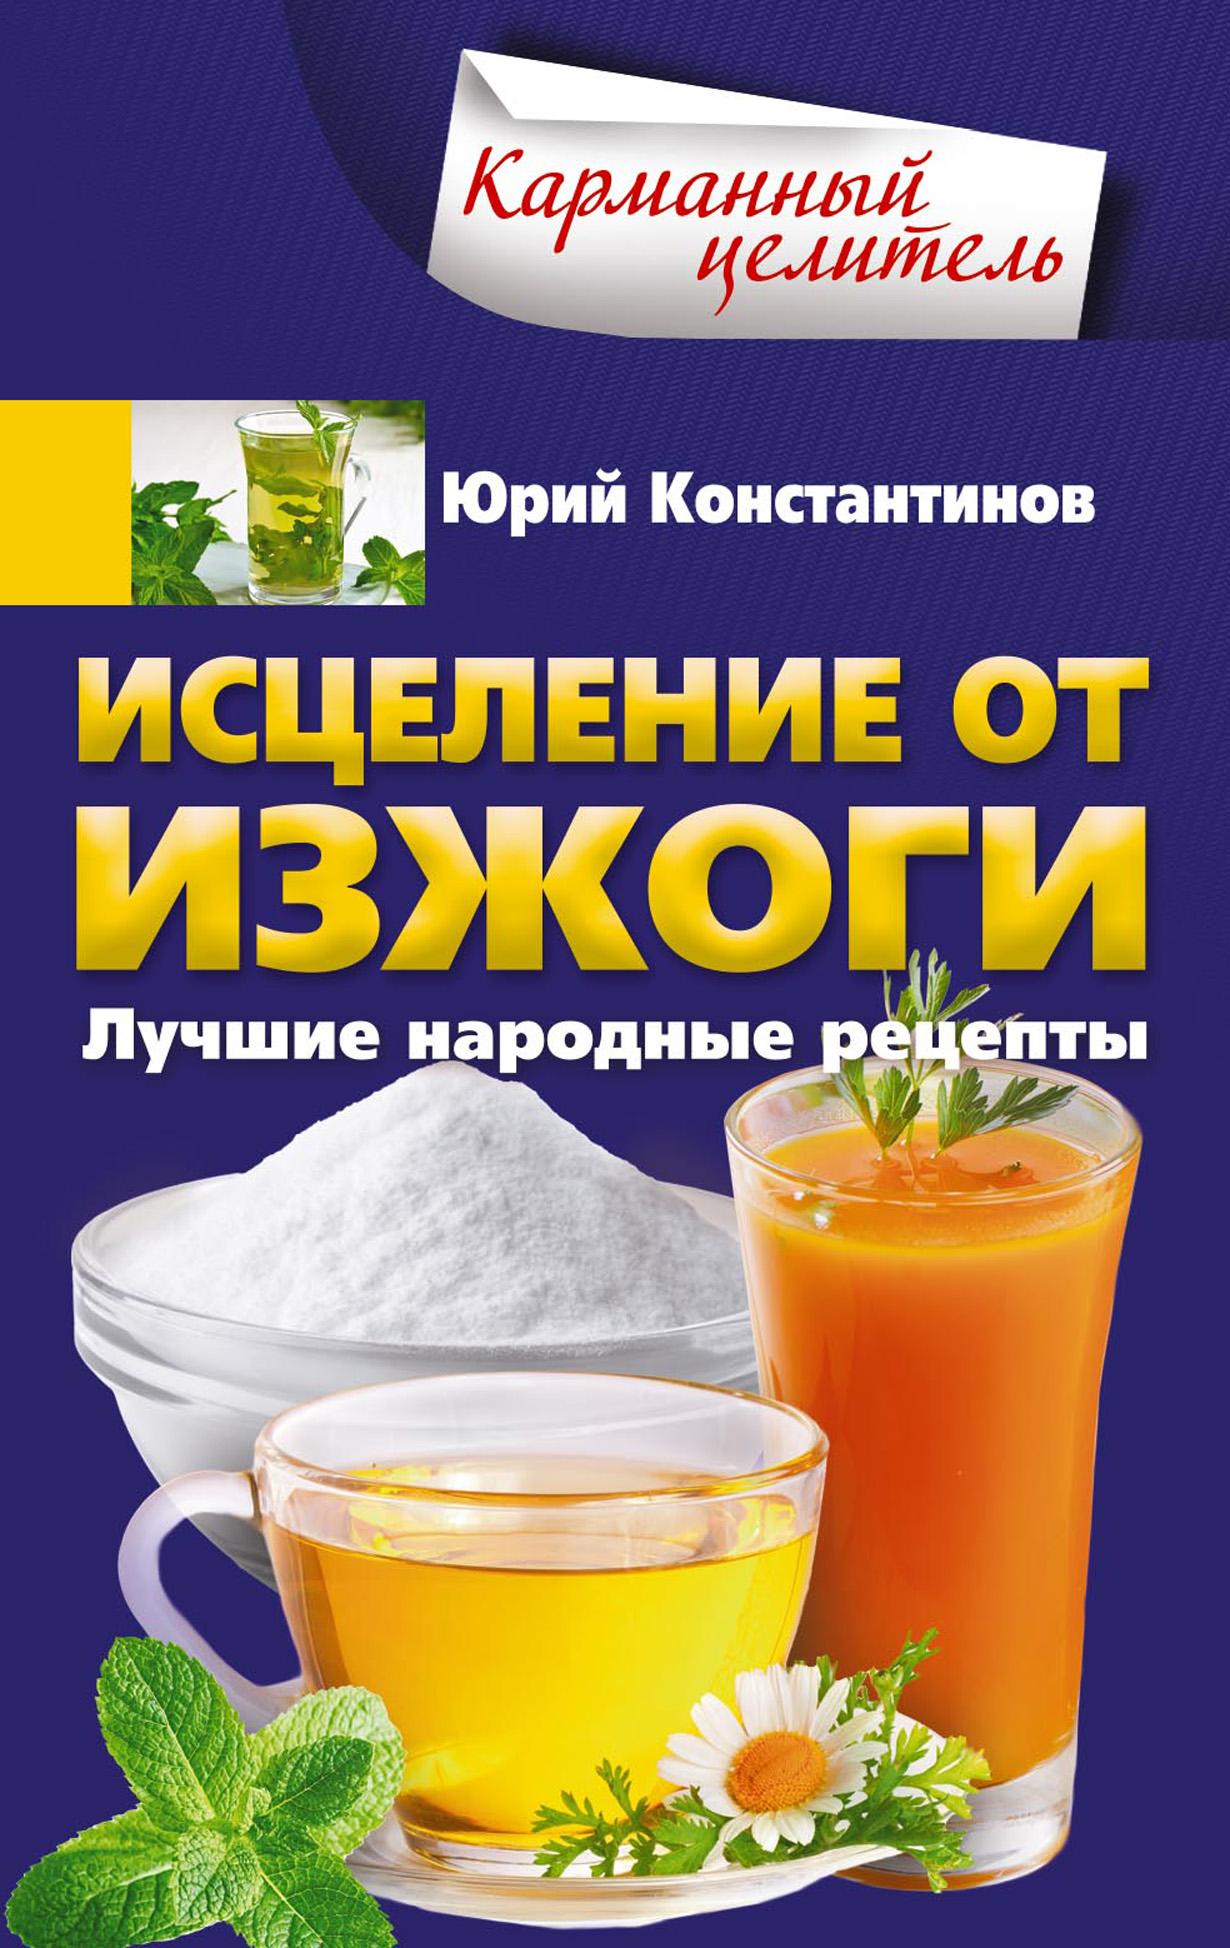 Юрий Константинов Исцеление от изжоги. Лучшие народные рецепты